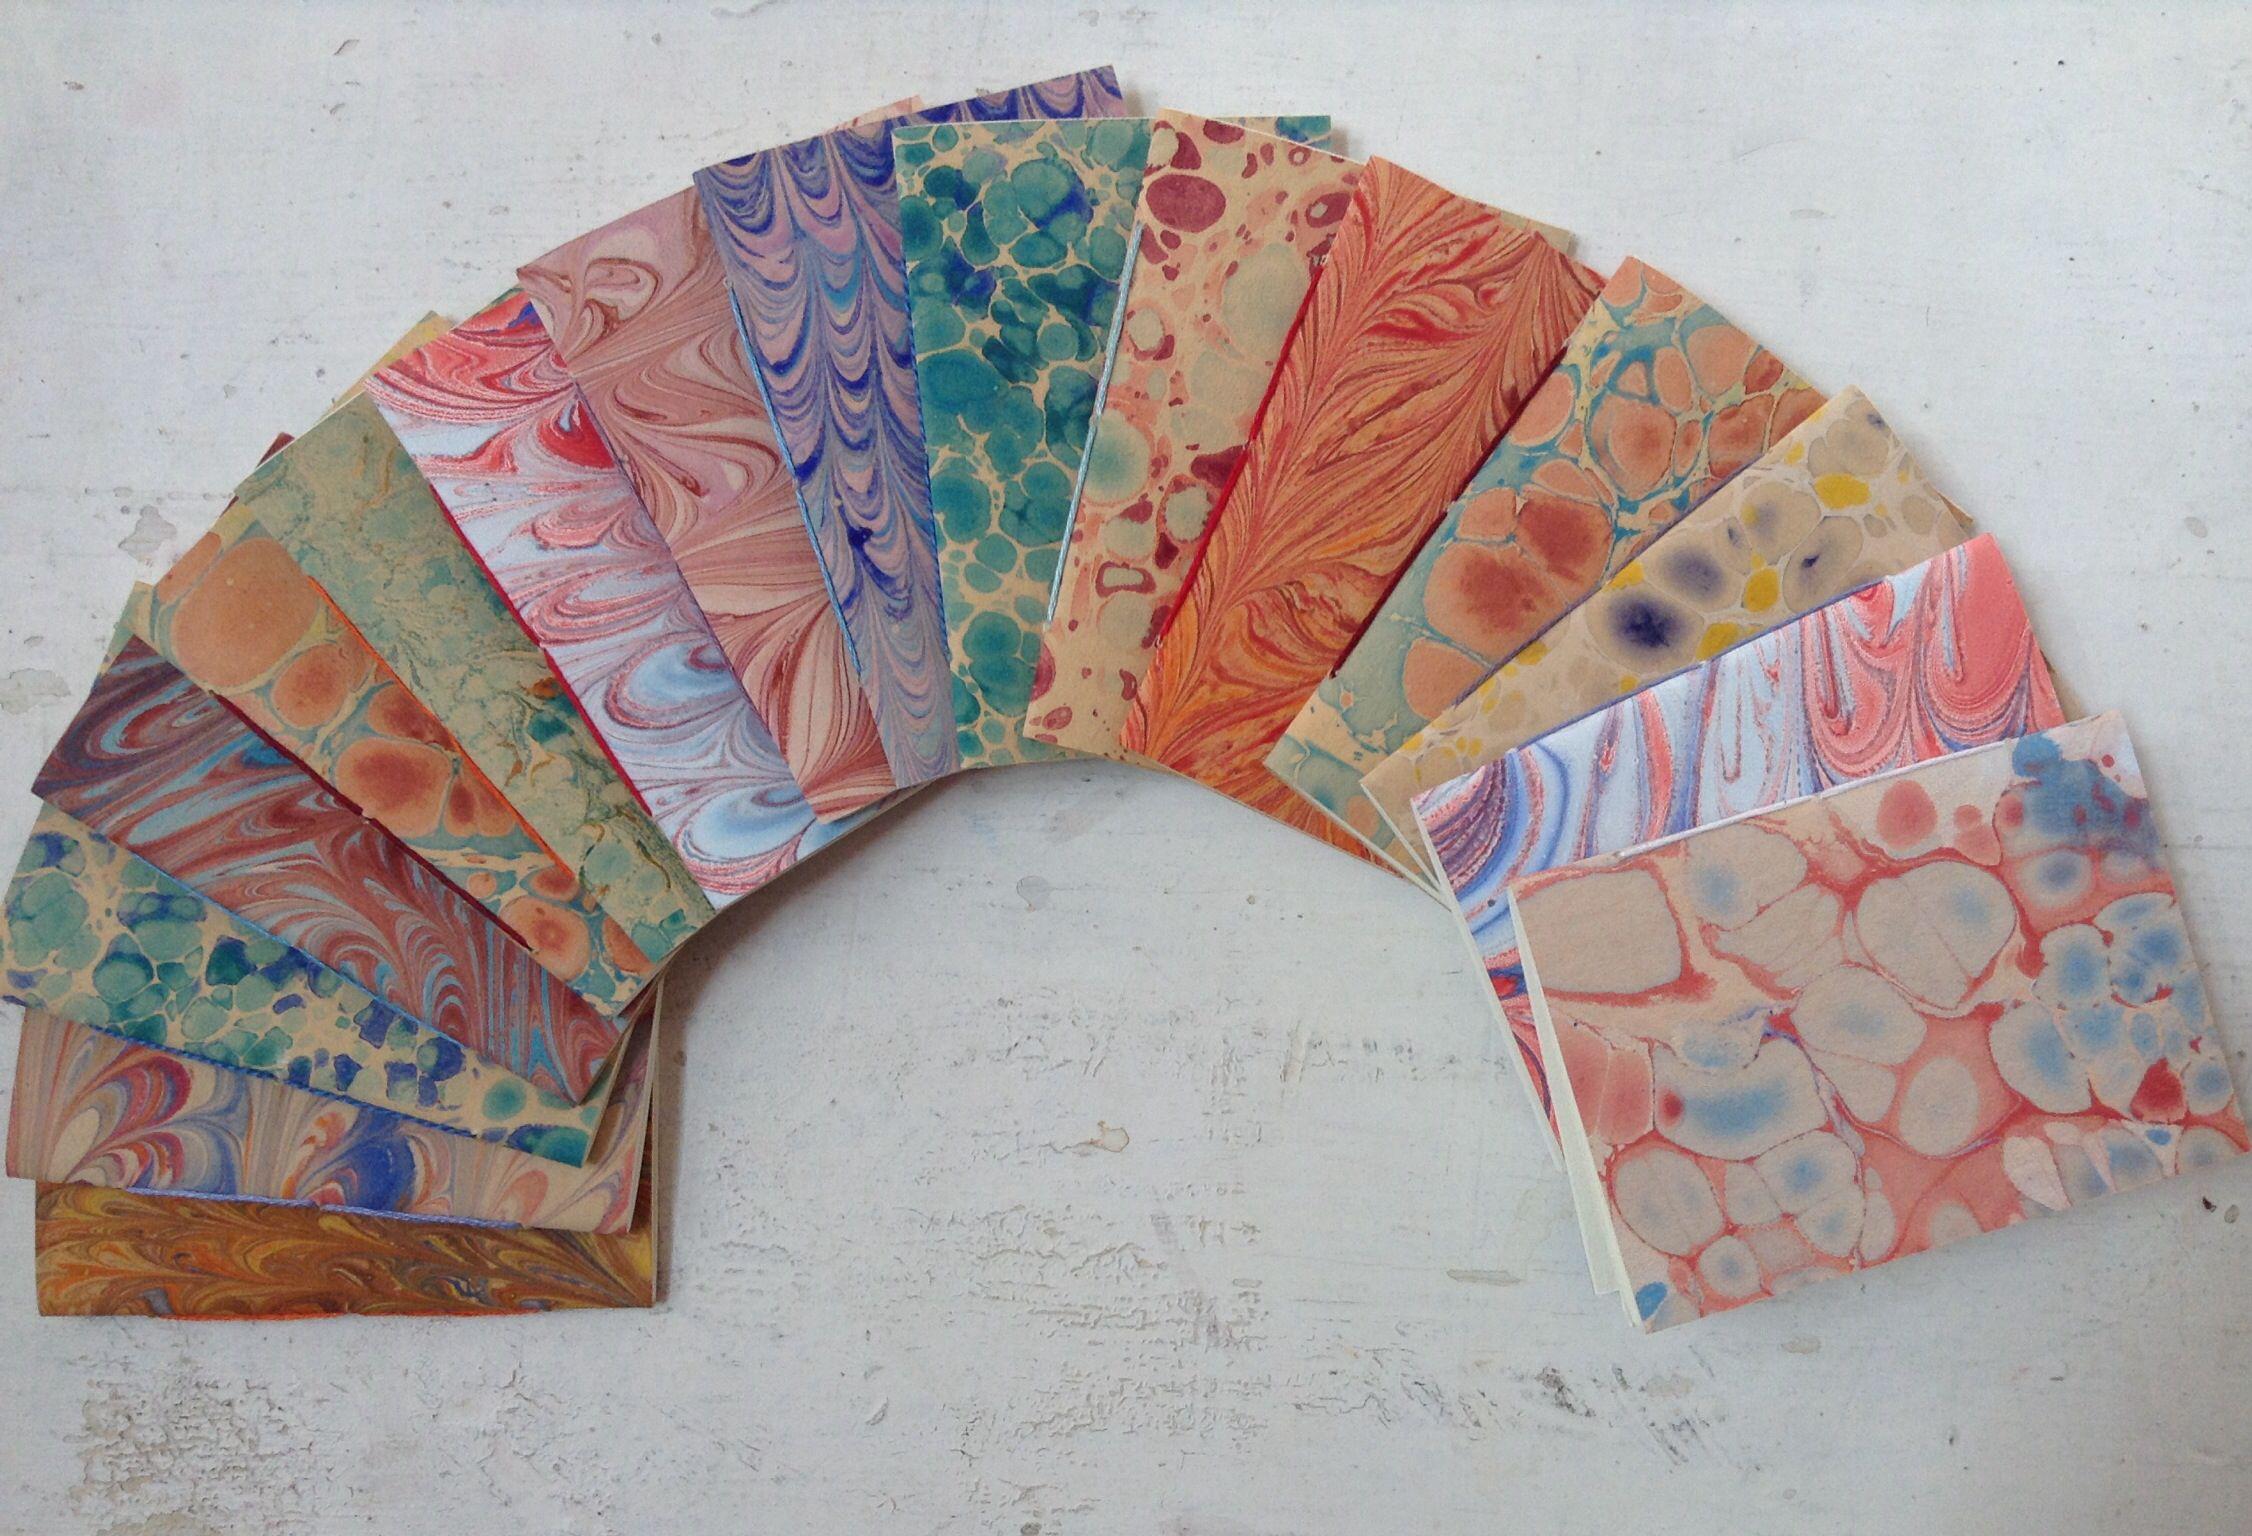 Minisketchbooks, marbling paper